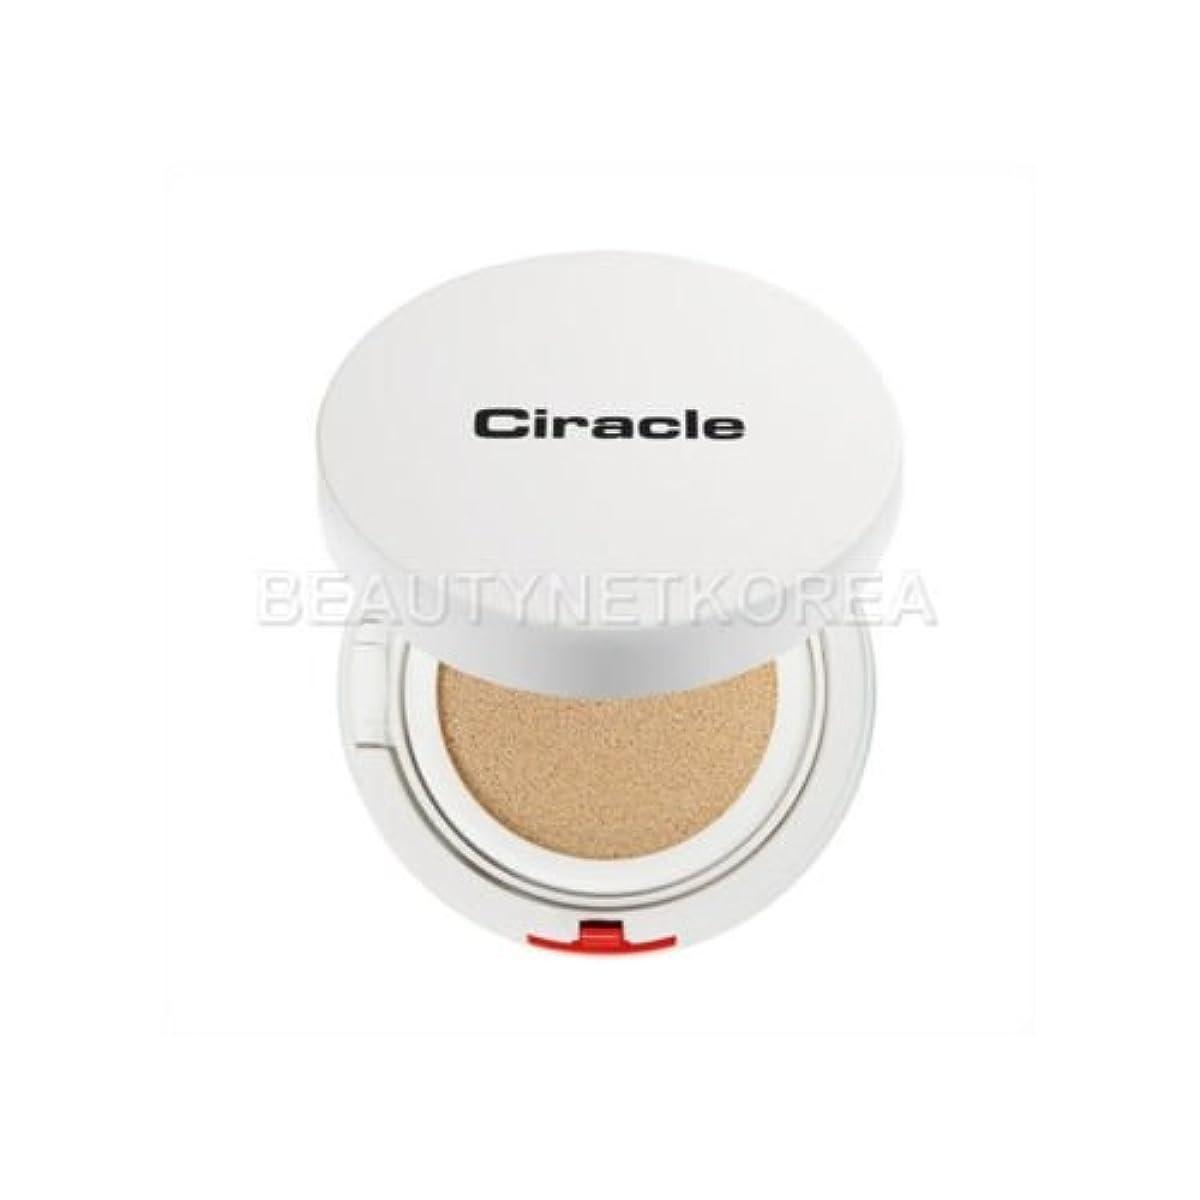 Ciracle シラクル アンチ ブラミッシュ クッション トラブル肌 肌の赤み ナチュラルカーバー 皮脂調節 保湿